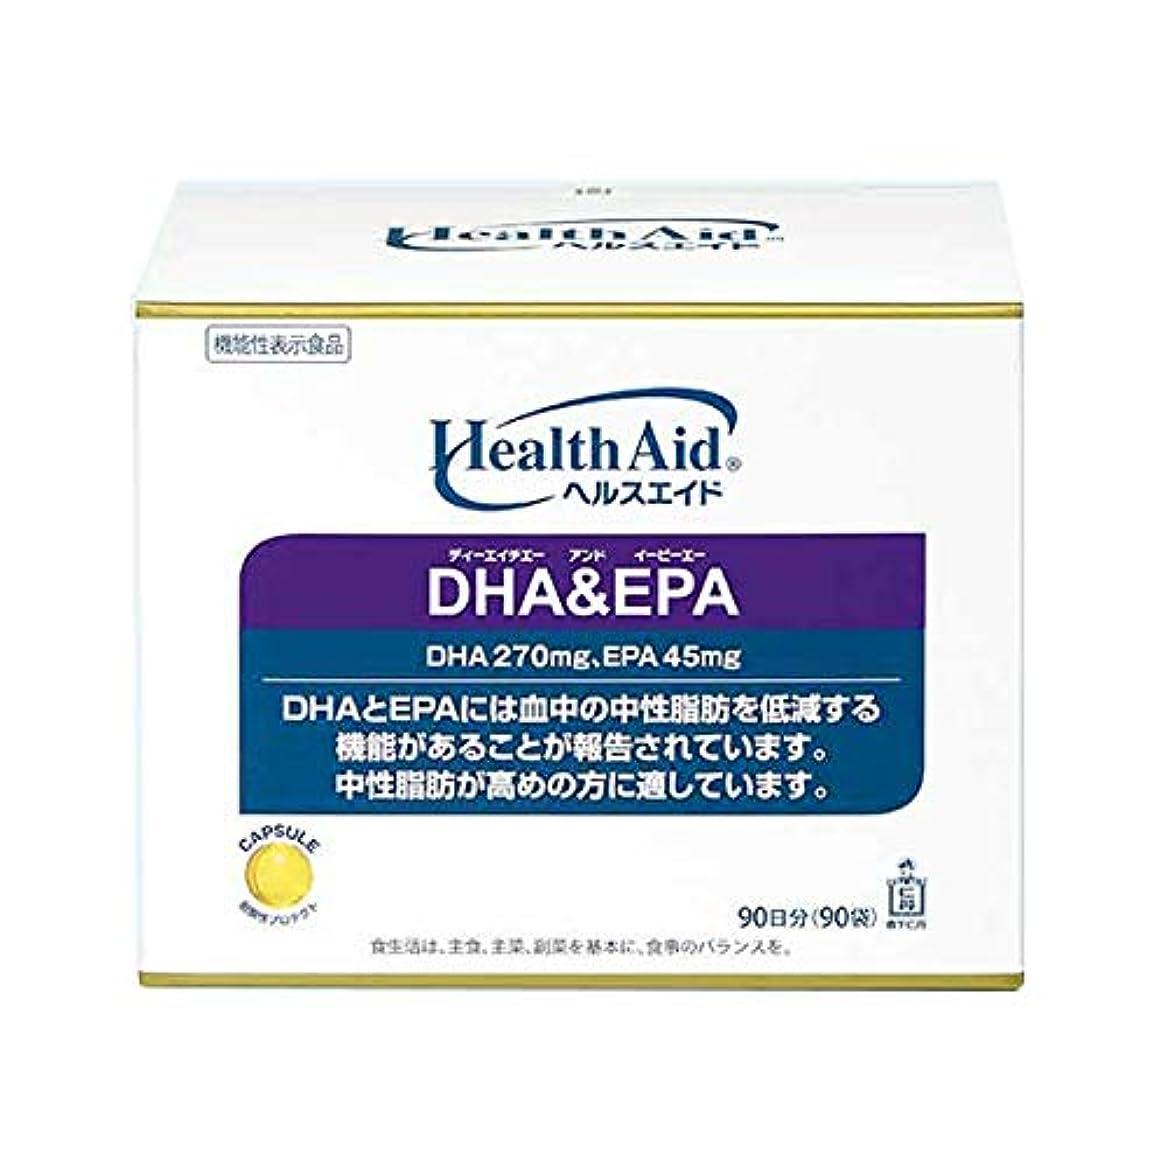 十ラテン細心の森下仁丹 ヘルスエイド®DHA&EPA 90日分(90袋) [機能性表示食品]